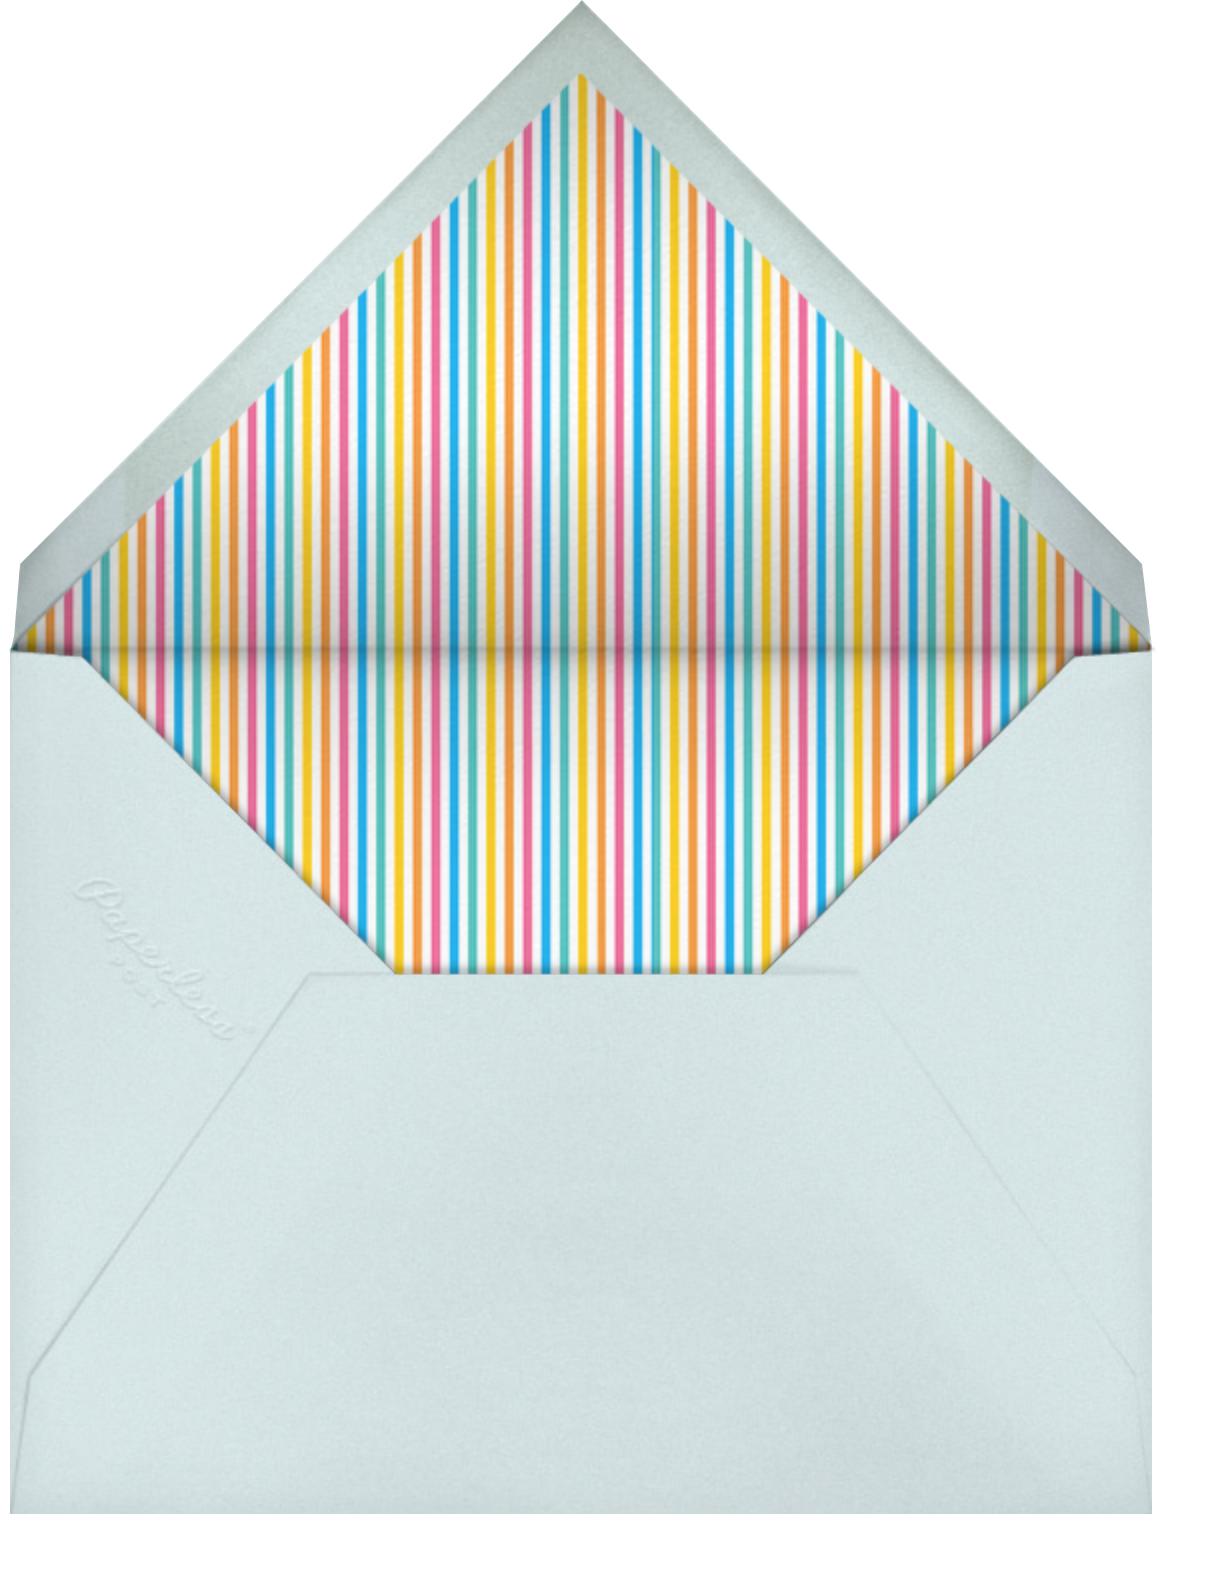 Floating Festivities (Invitation) - Little Cube - Kids' birthday - envelope back